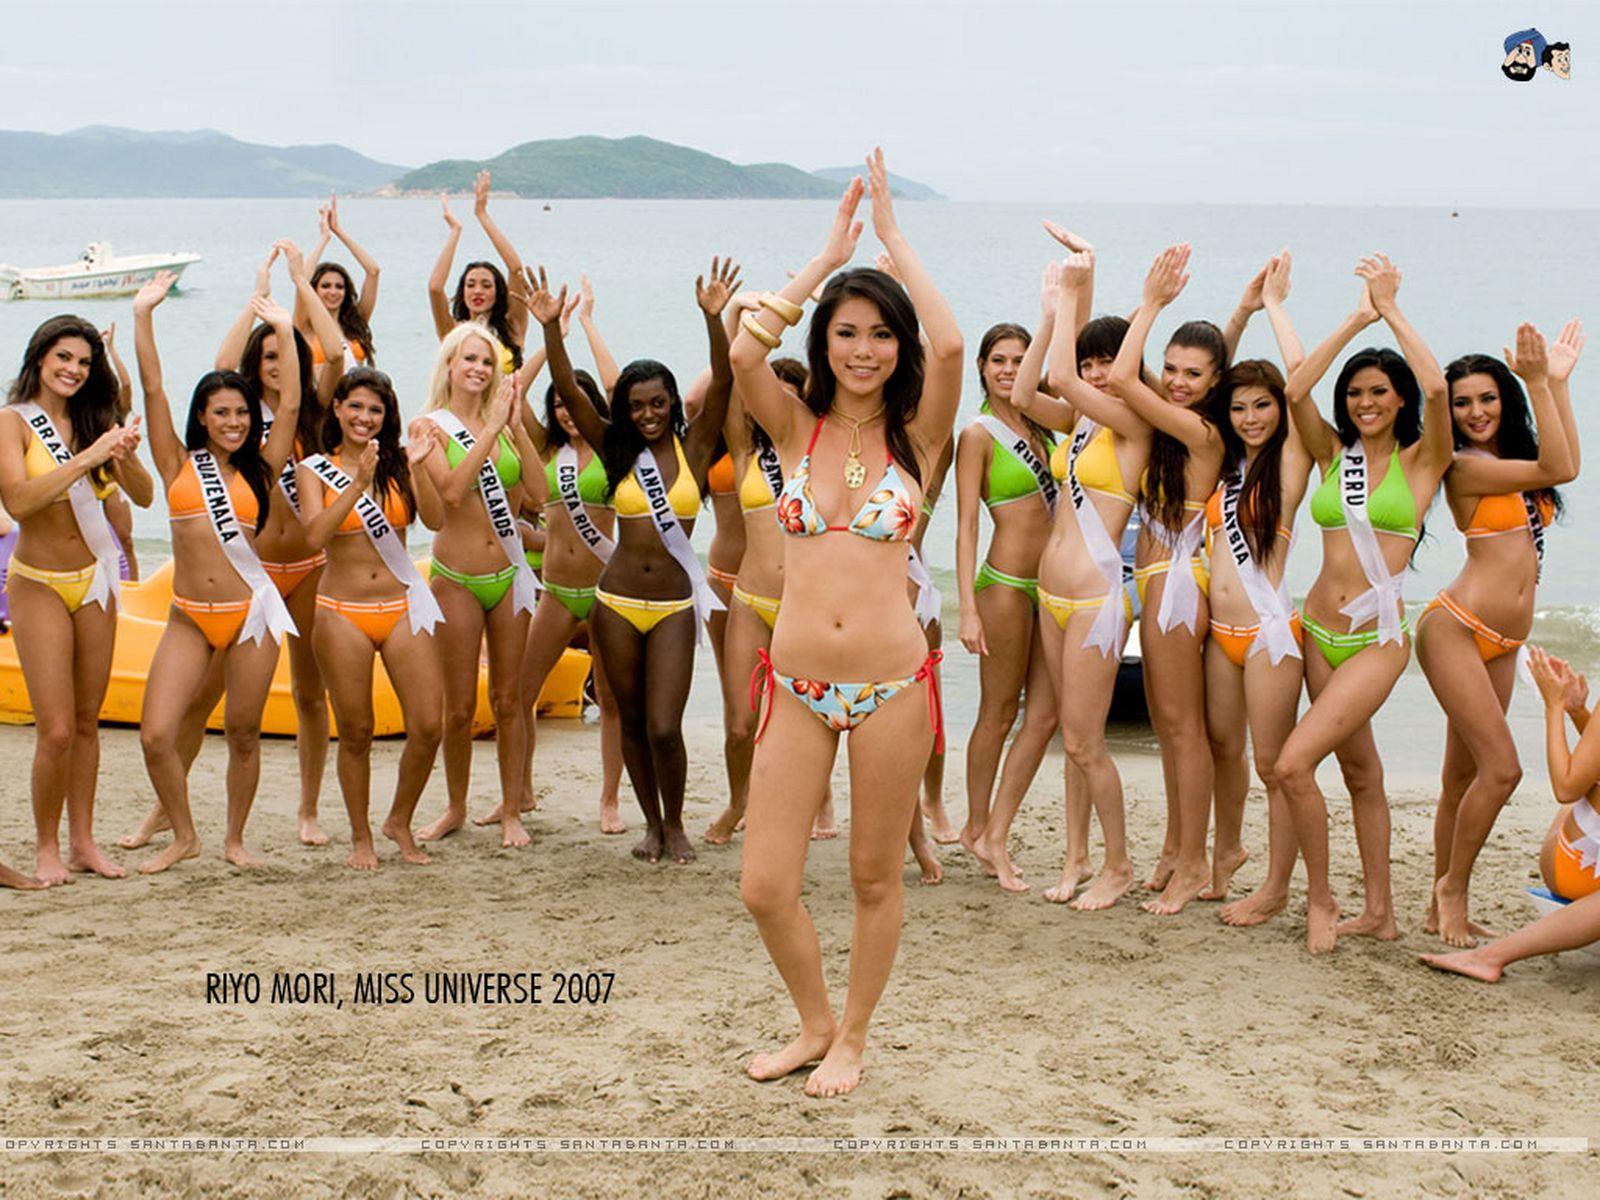 Фото проститутки вьетнам 7 фотография